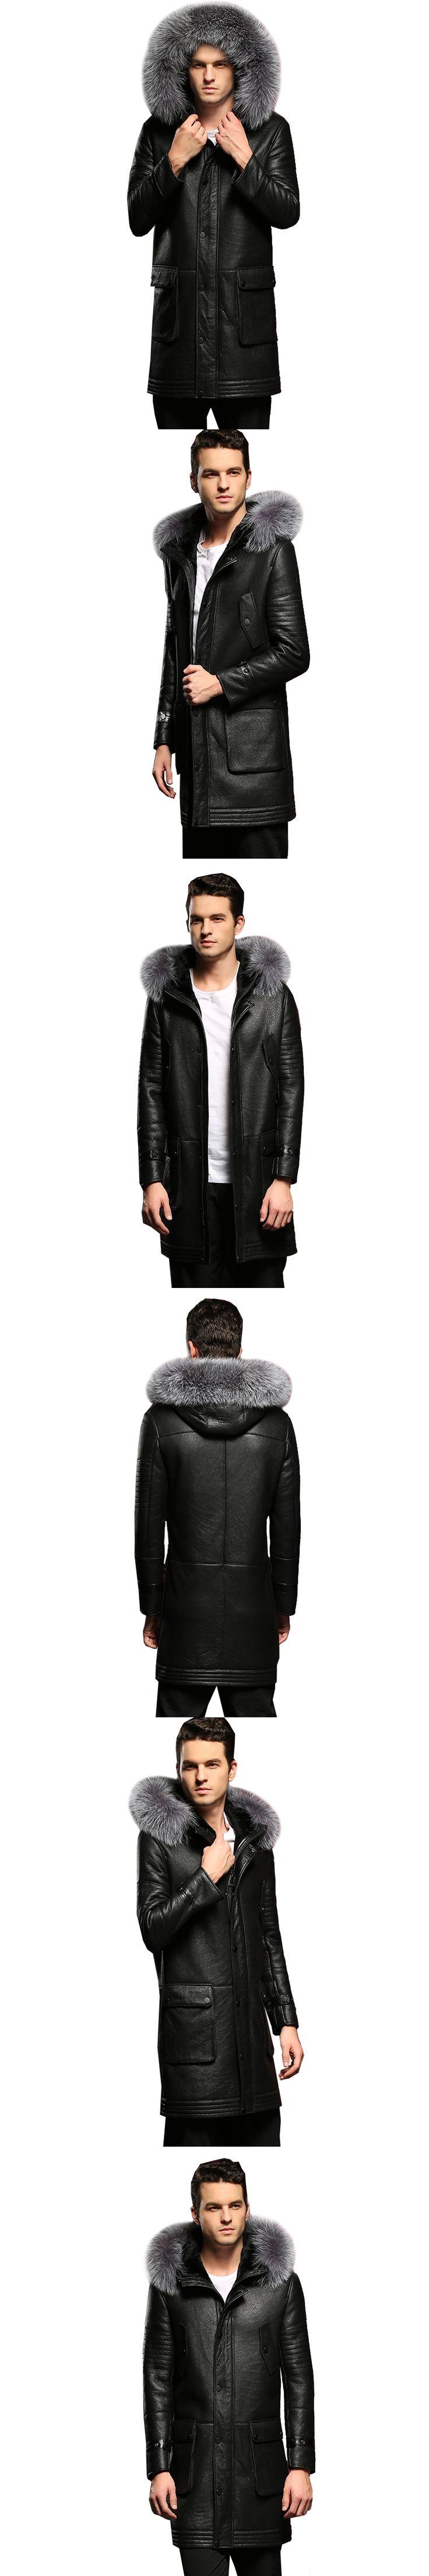 100% Guaranteed Real Sheepskin Fur Coat Genuine Full Pelt Shearling Male Formal Winter Clothing Sheepskin Jacket Men Fur Outwear